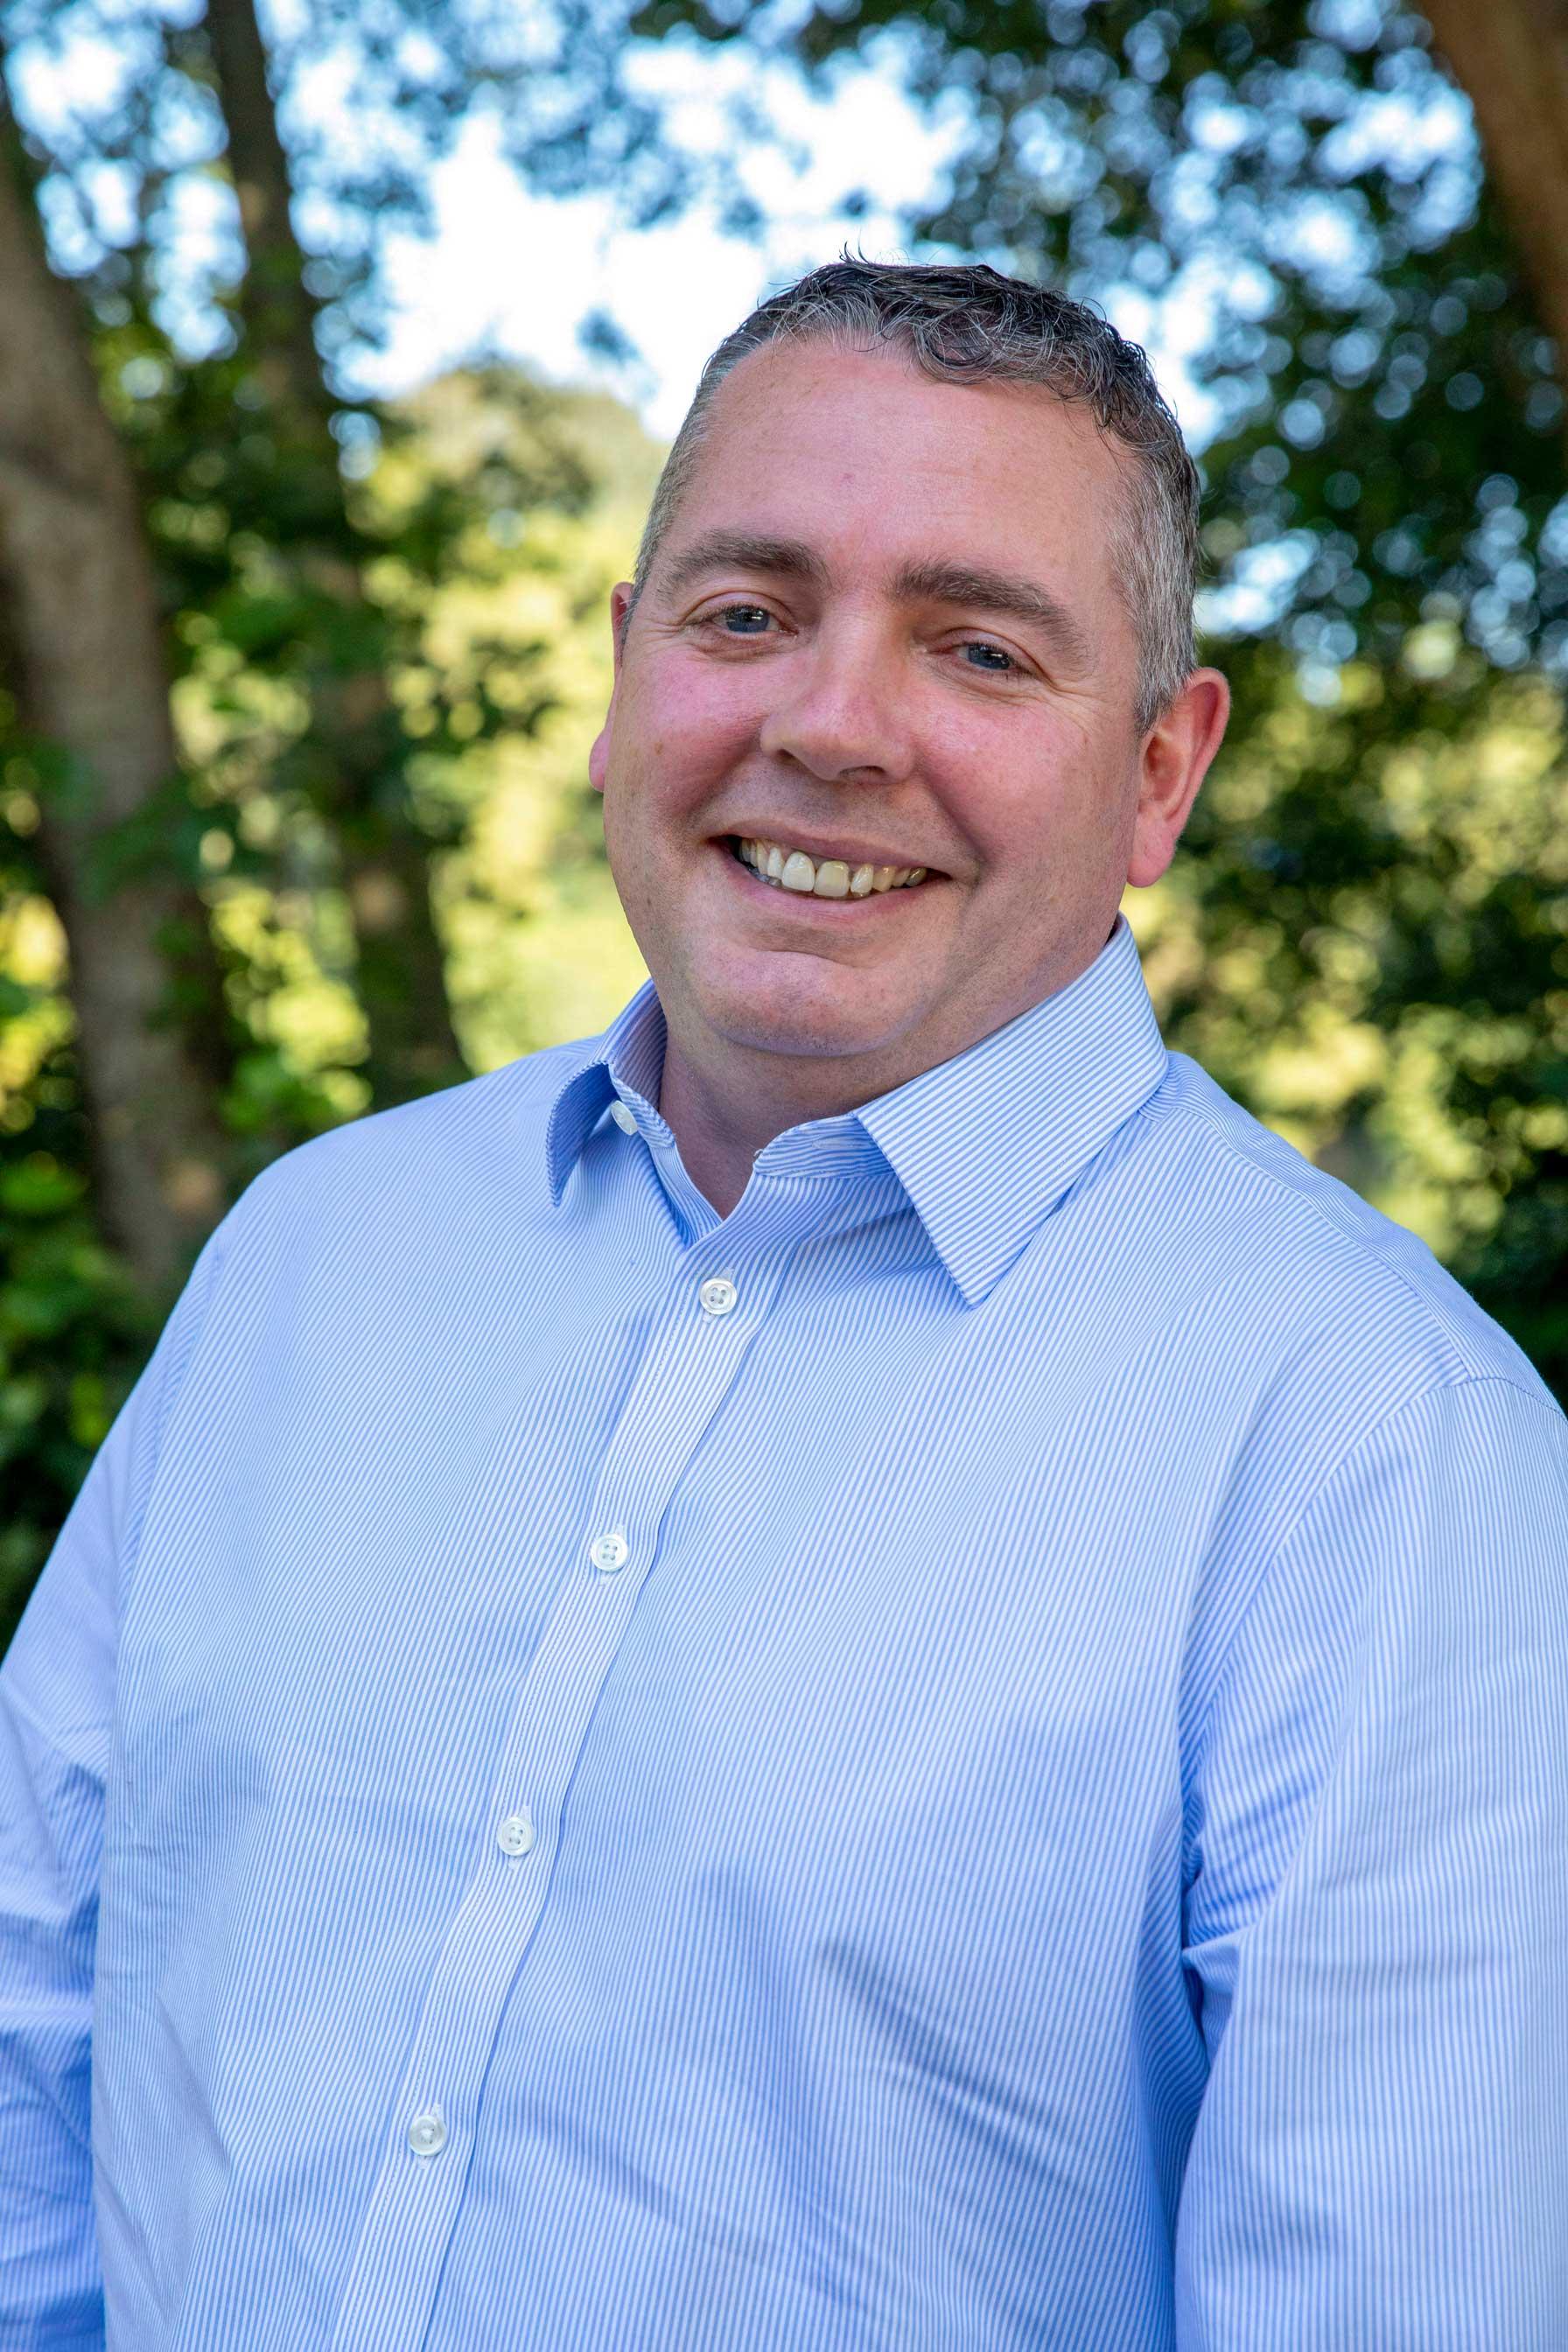 Jon Irvine